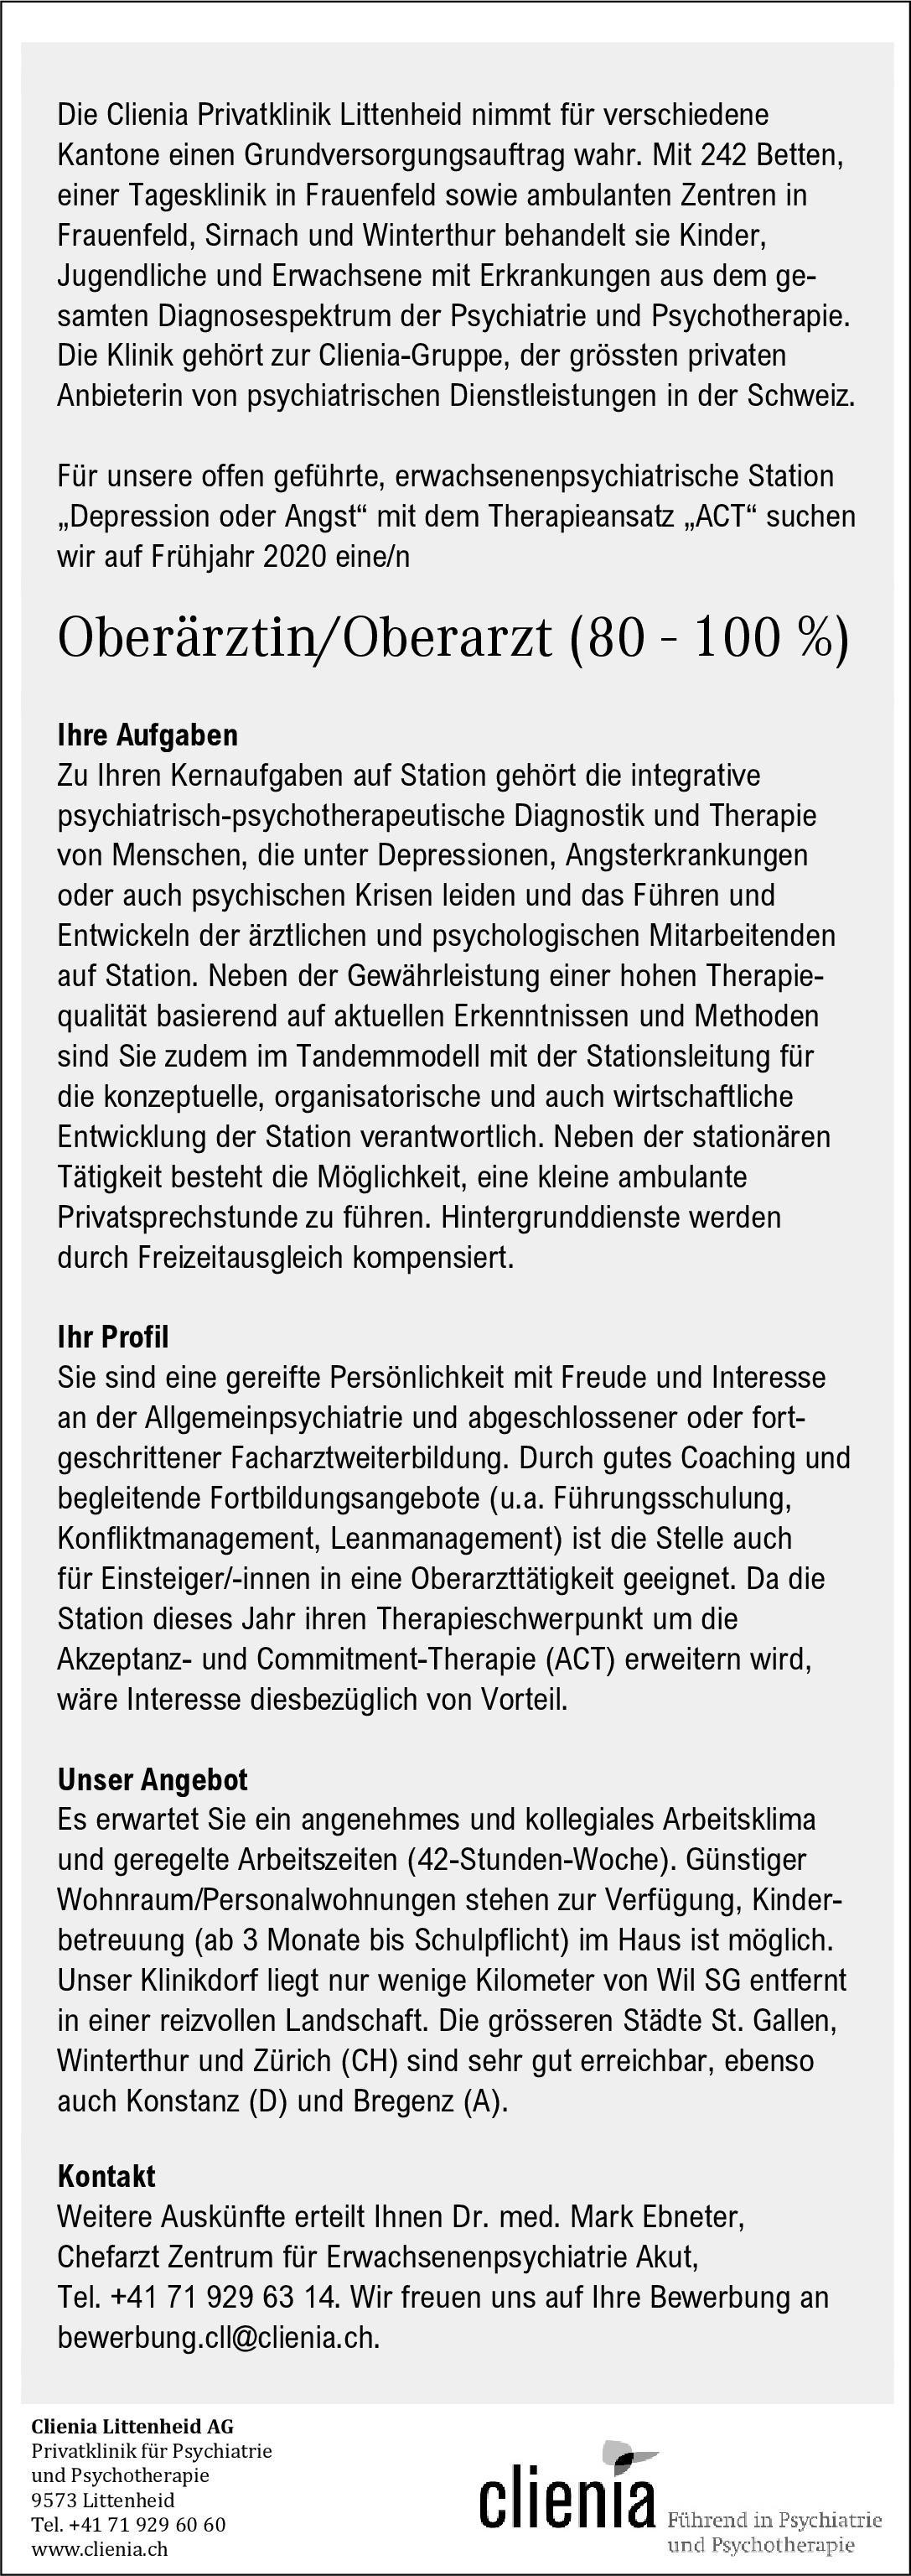 Clienia Littenheid AG Oberärztin/Oberarzt (80 - 100 %)  Psychiatrie und Psychotherapie, Psychiatrie und Psychotherapie Oberarzt